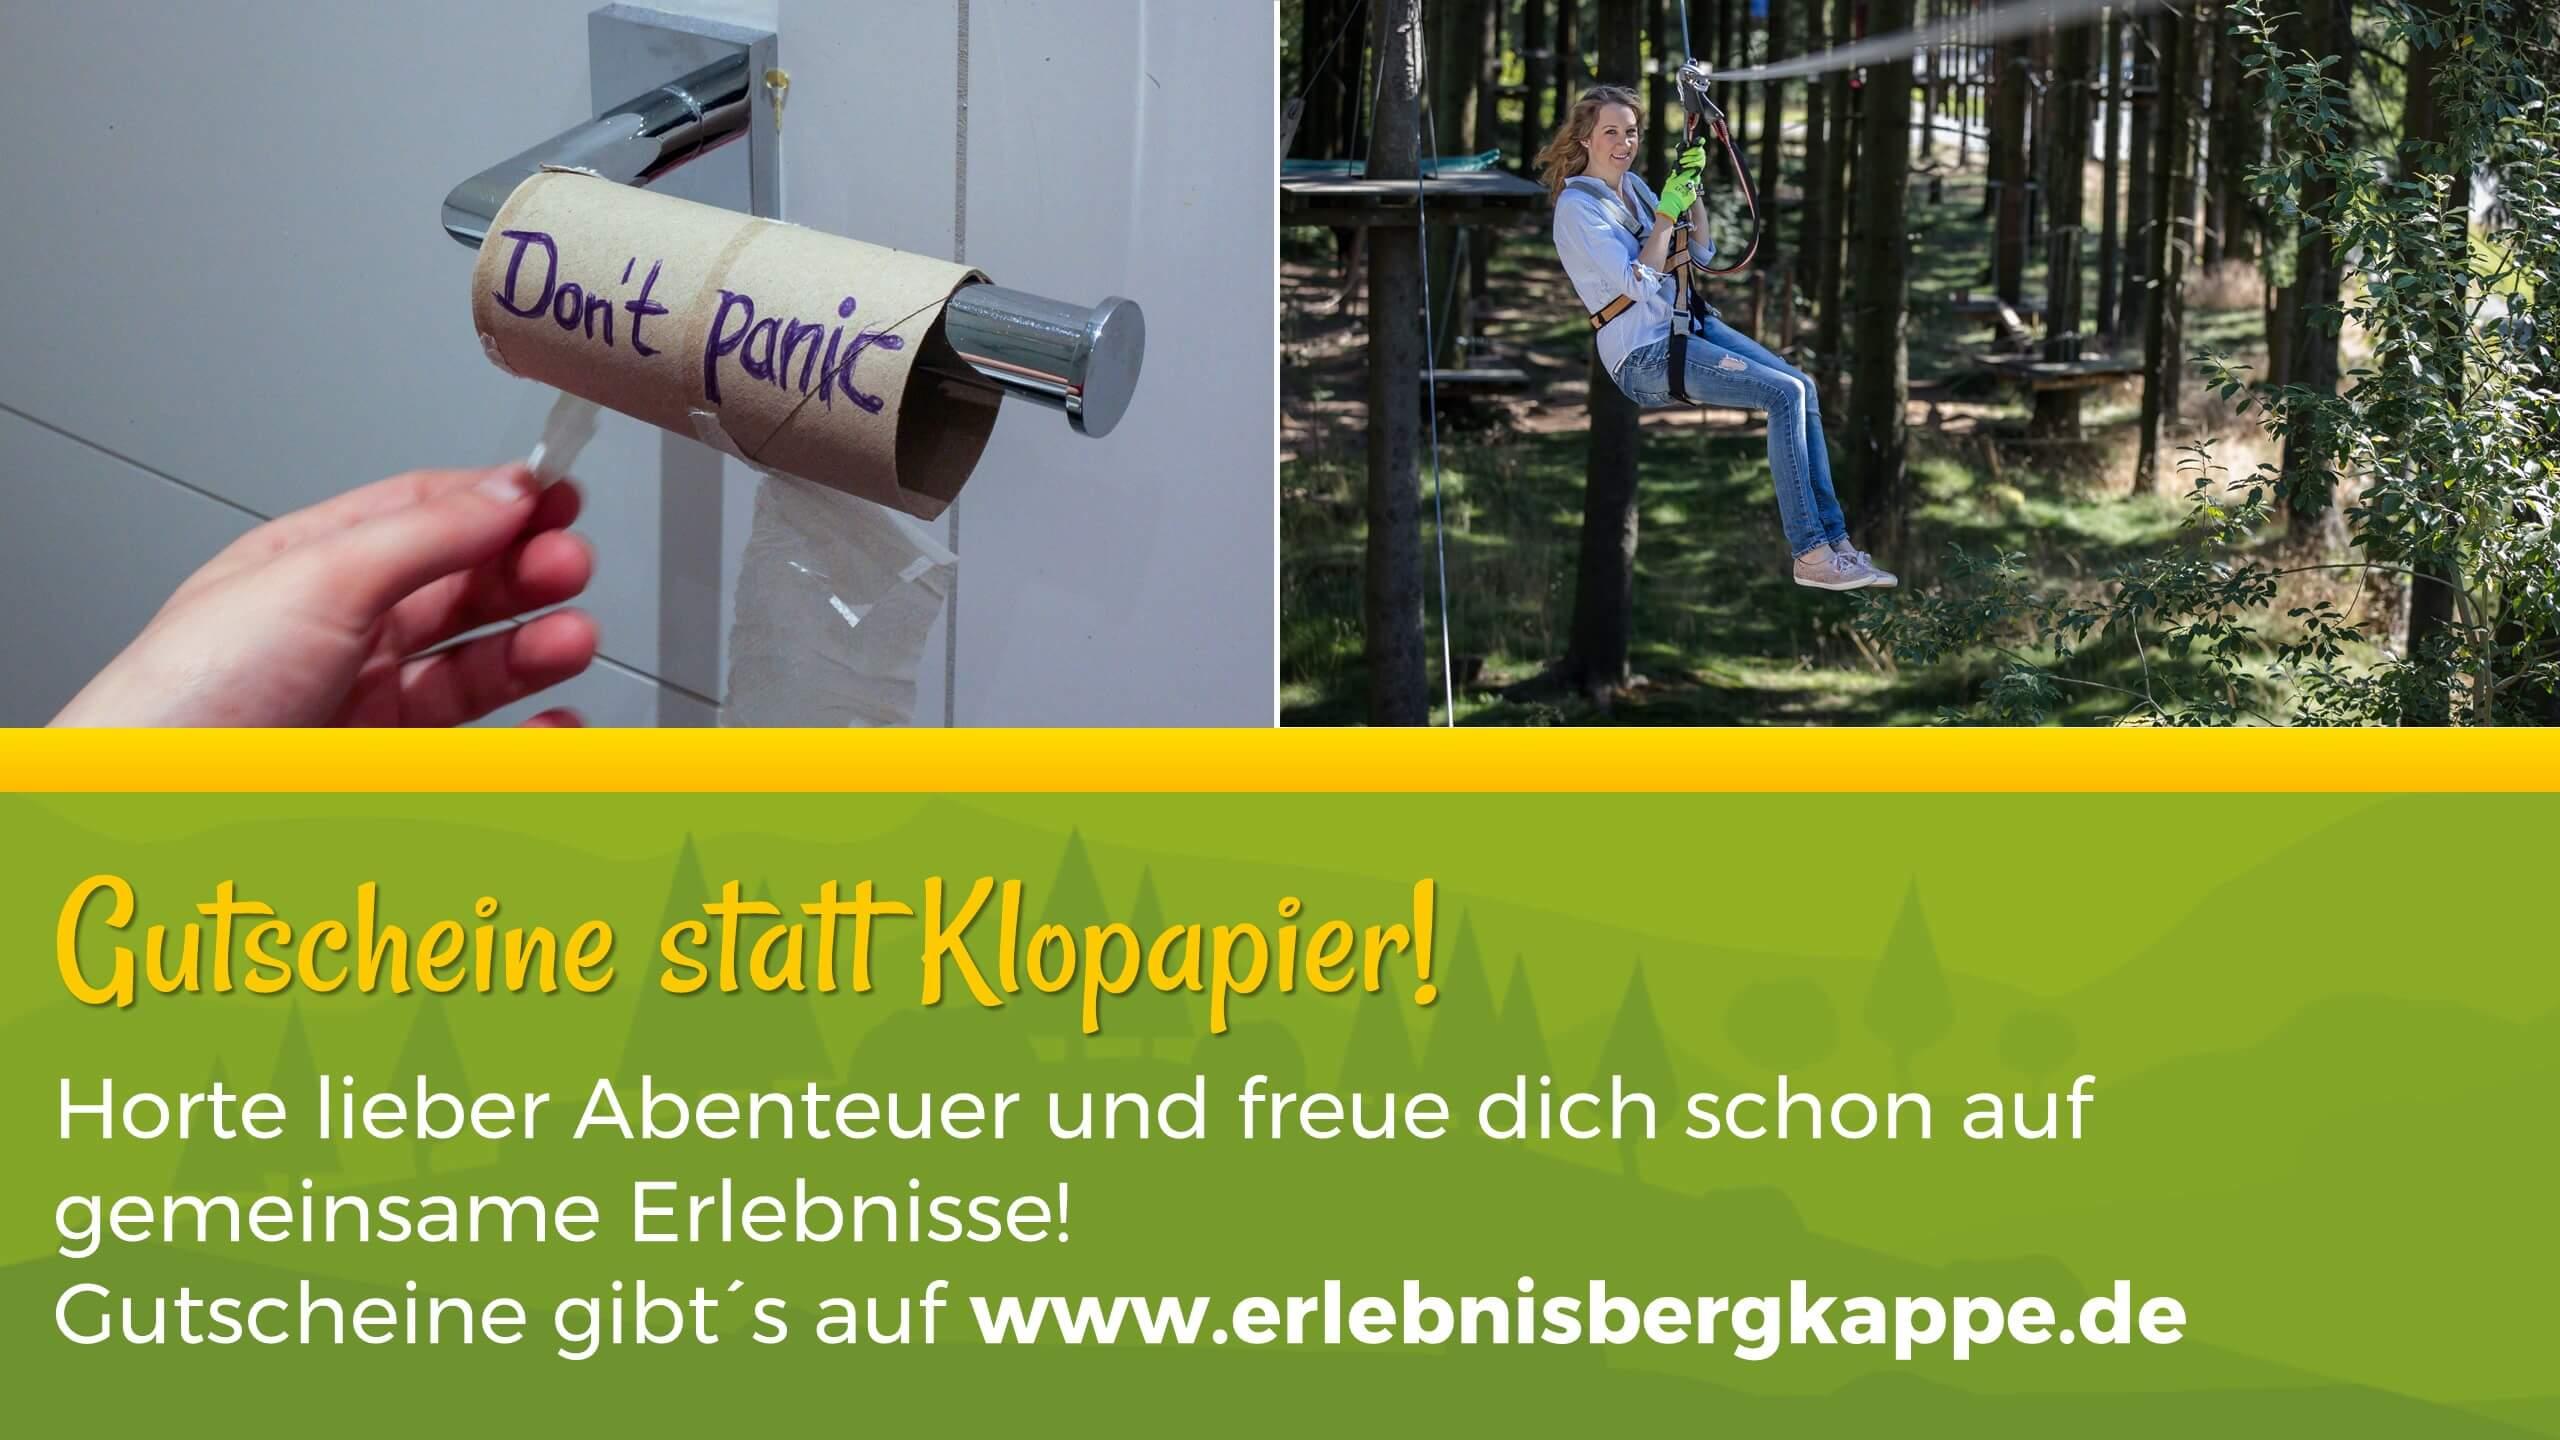 Gutscheine Erlebnisberg Kappe Winterberg (2)